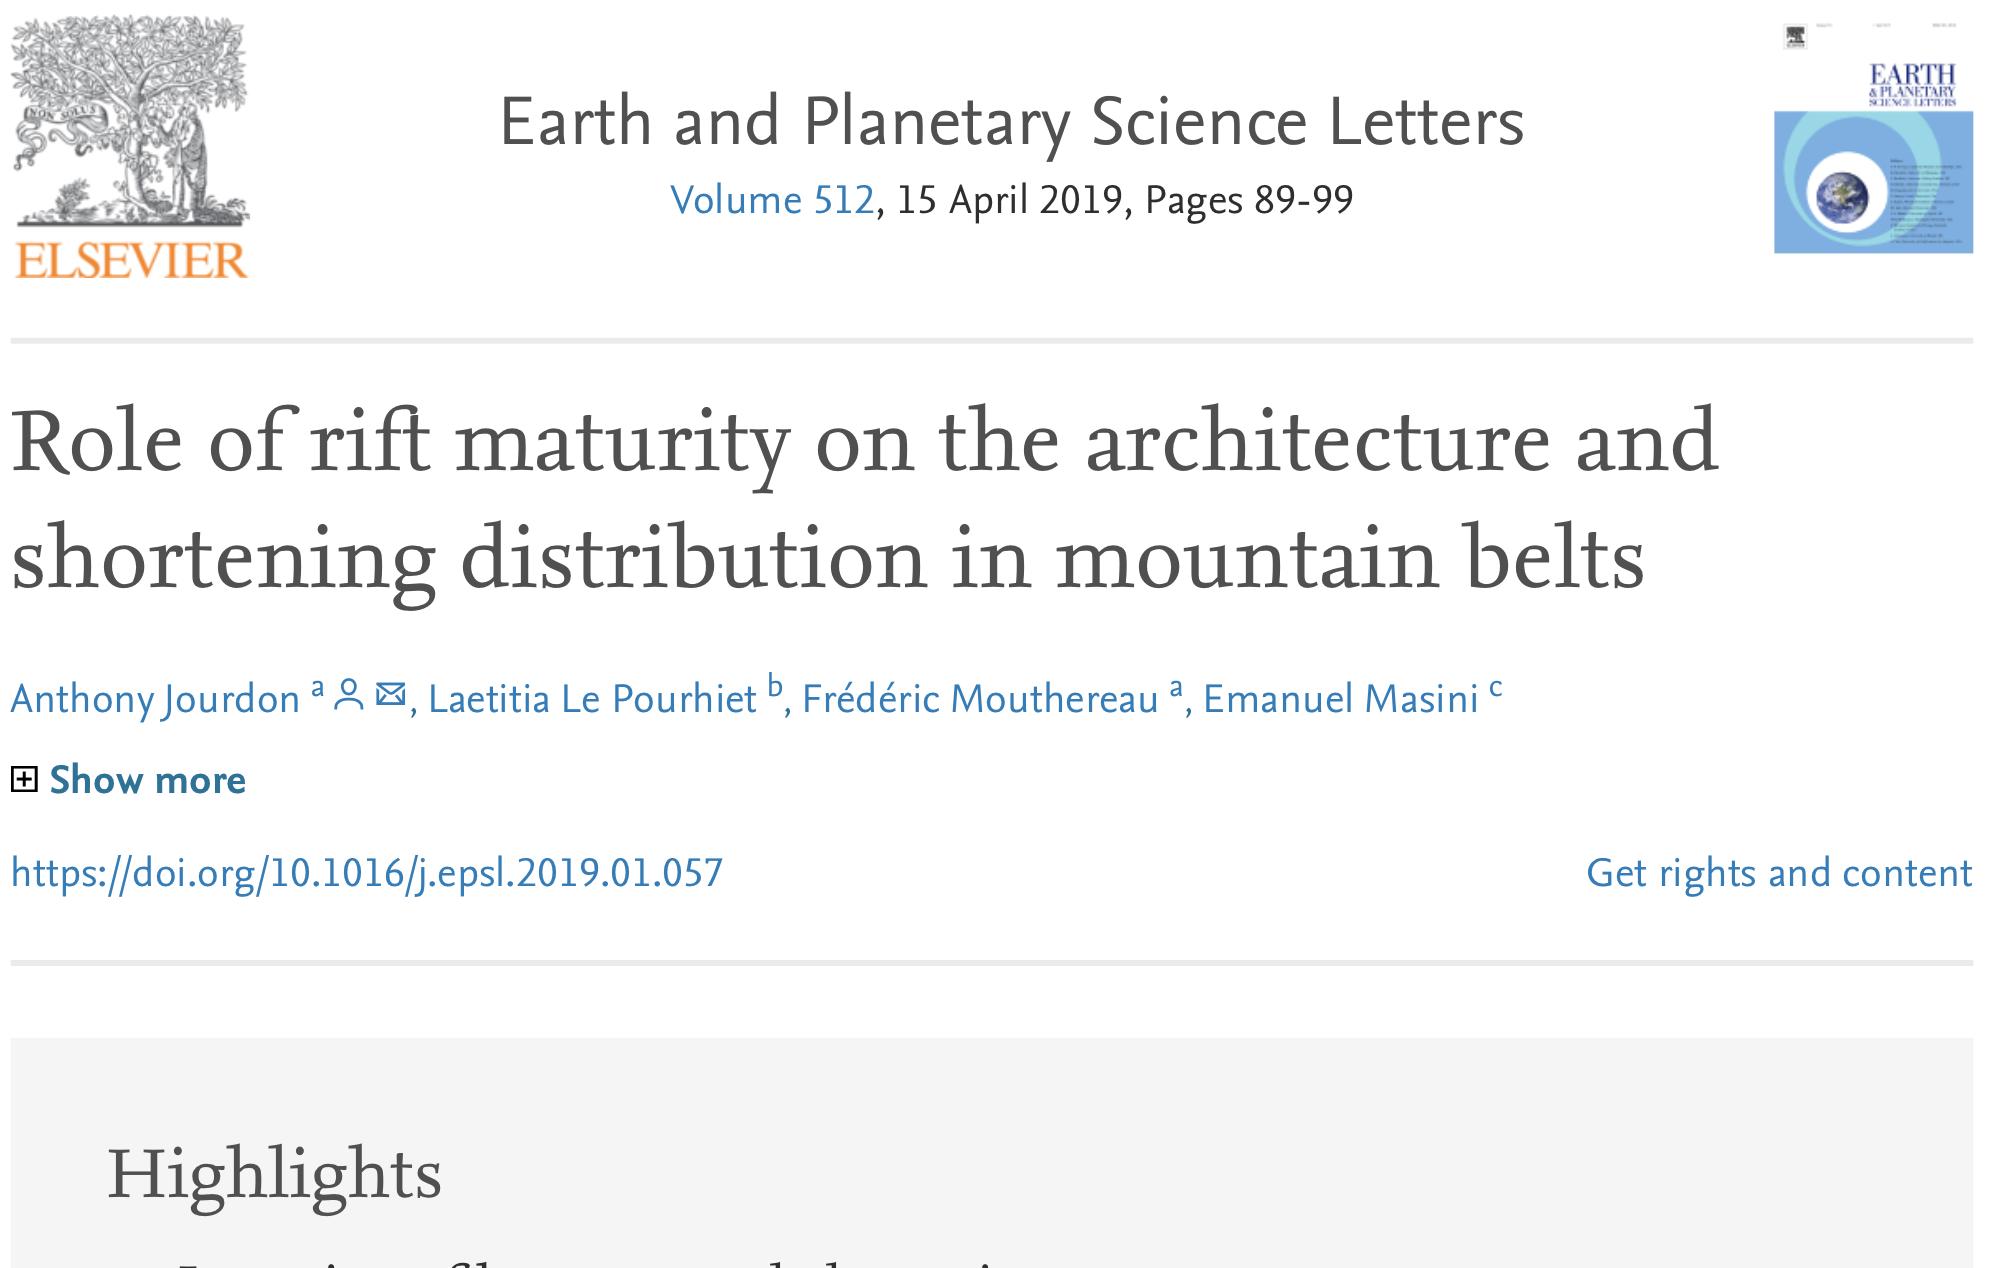 New EPSL paper of Jourdon et al.